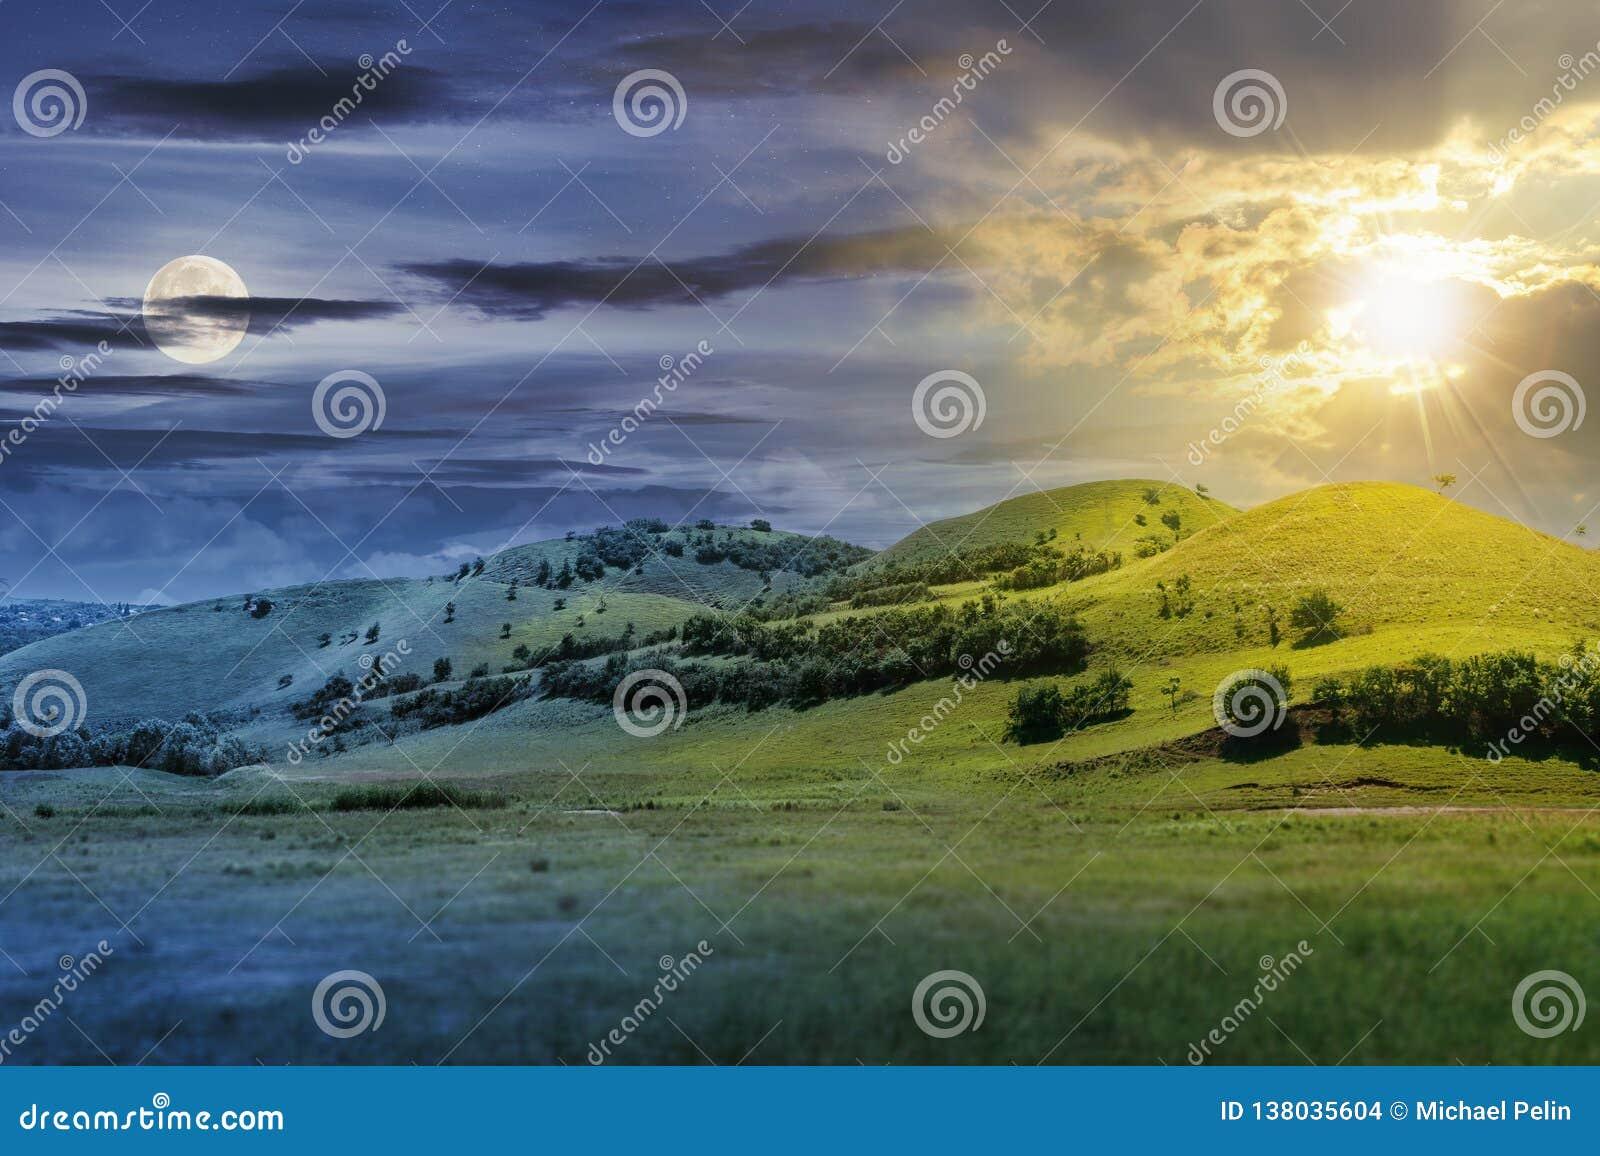 Synchronizuje zmianę nad trzy wzgórza w lato krajobrazie